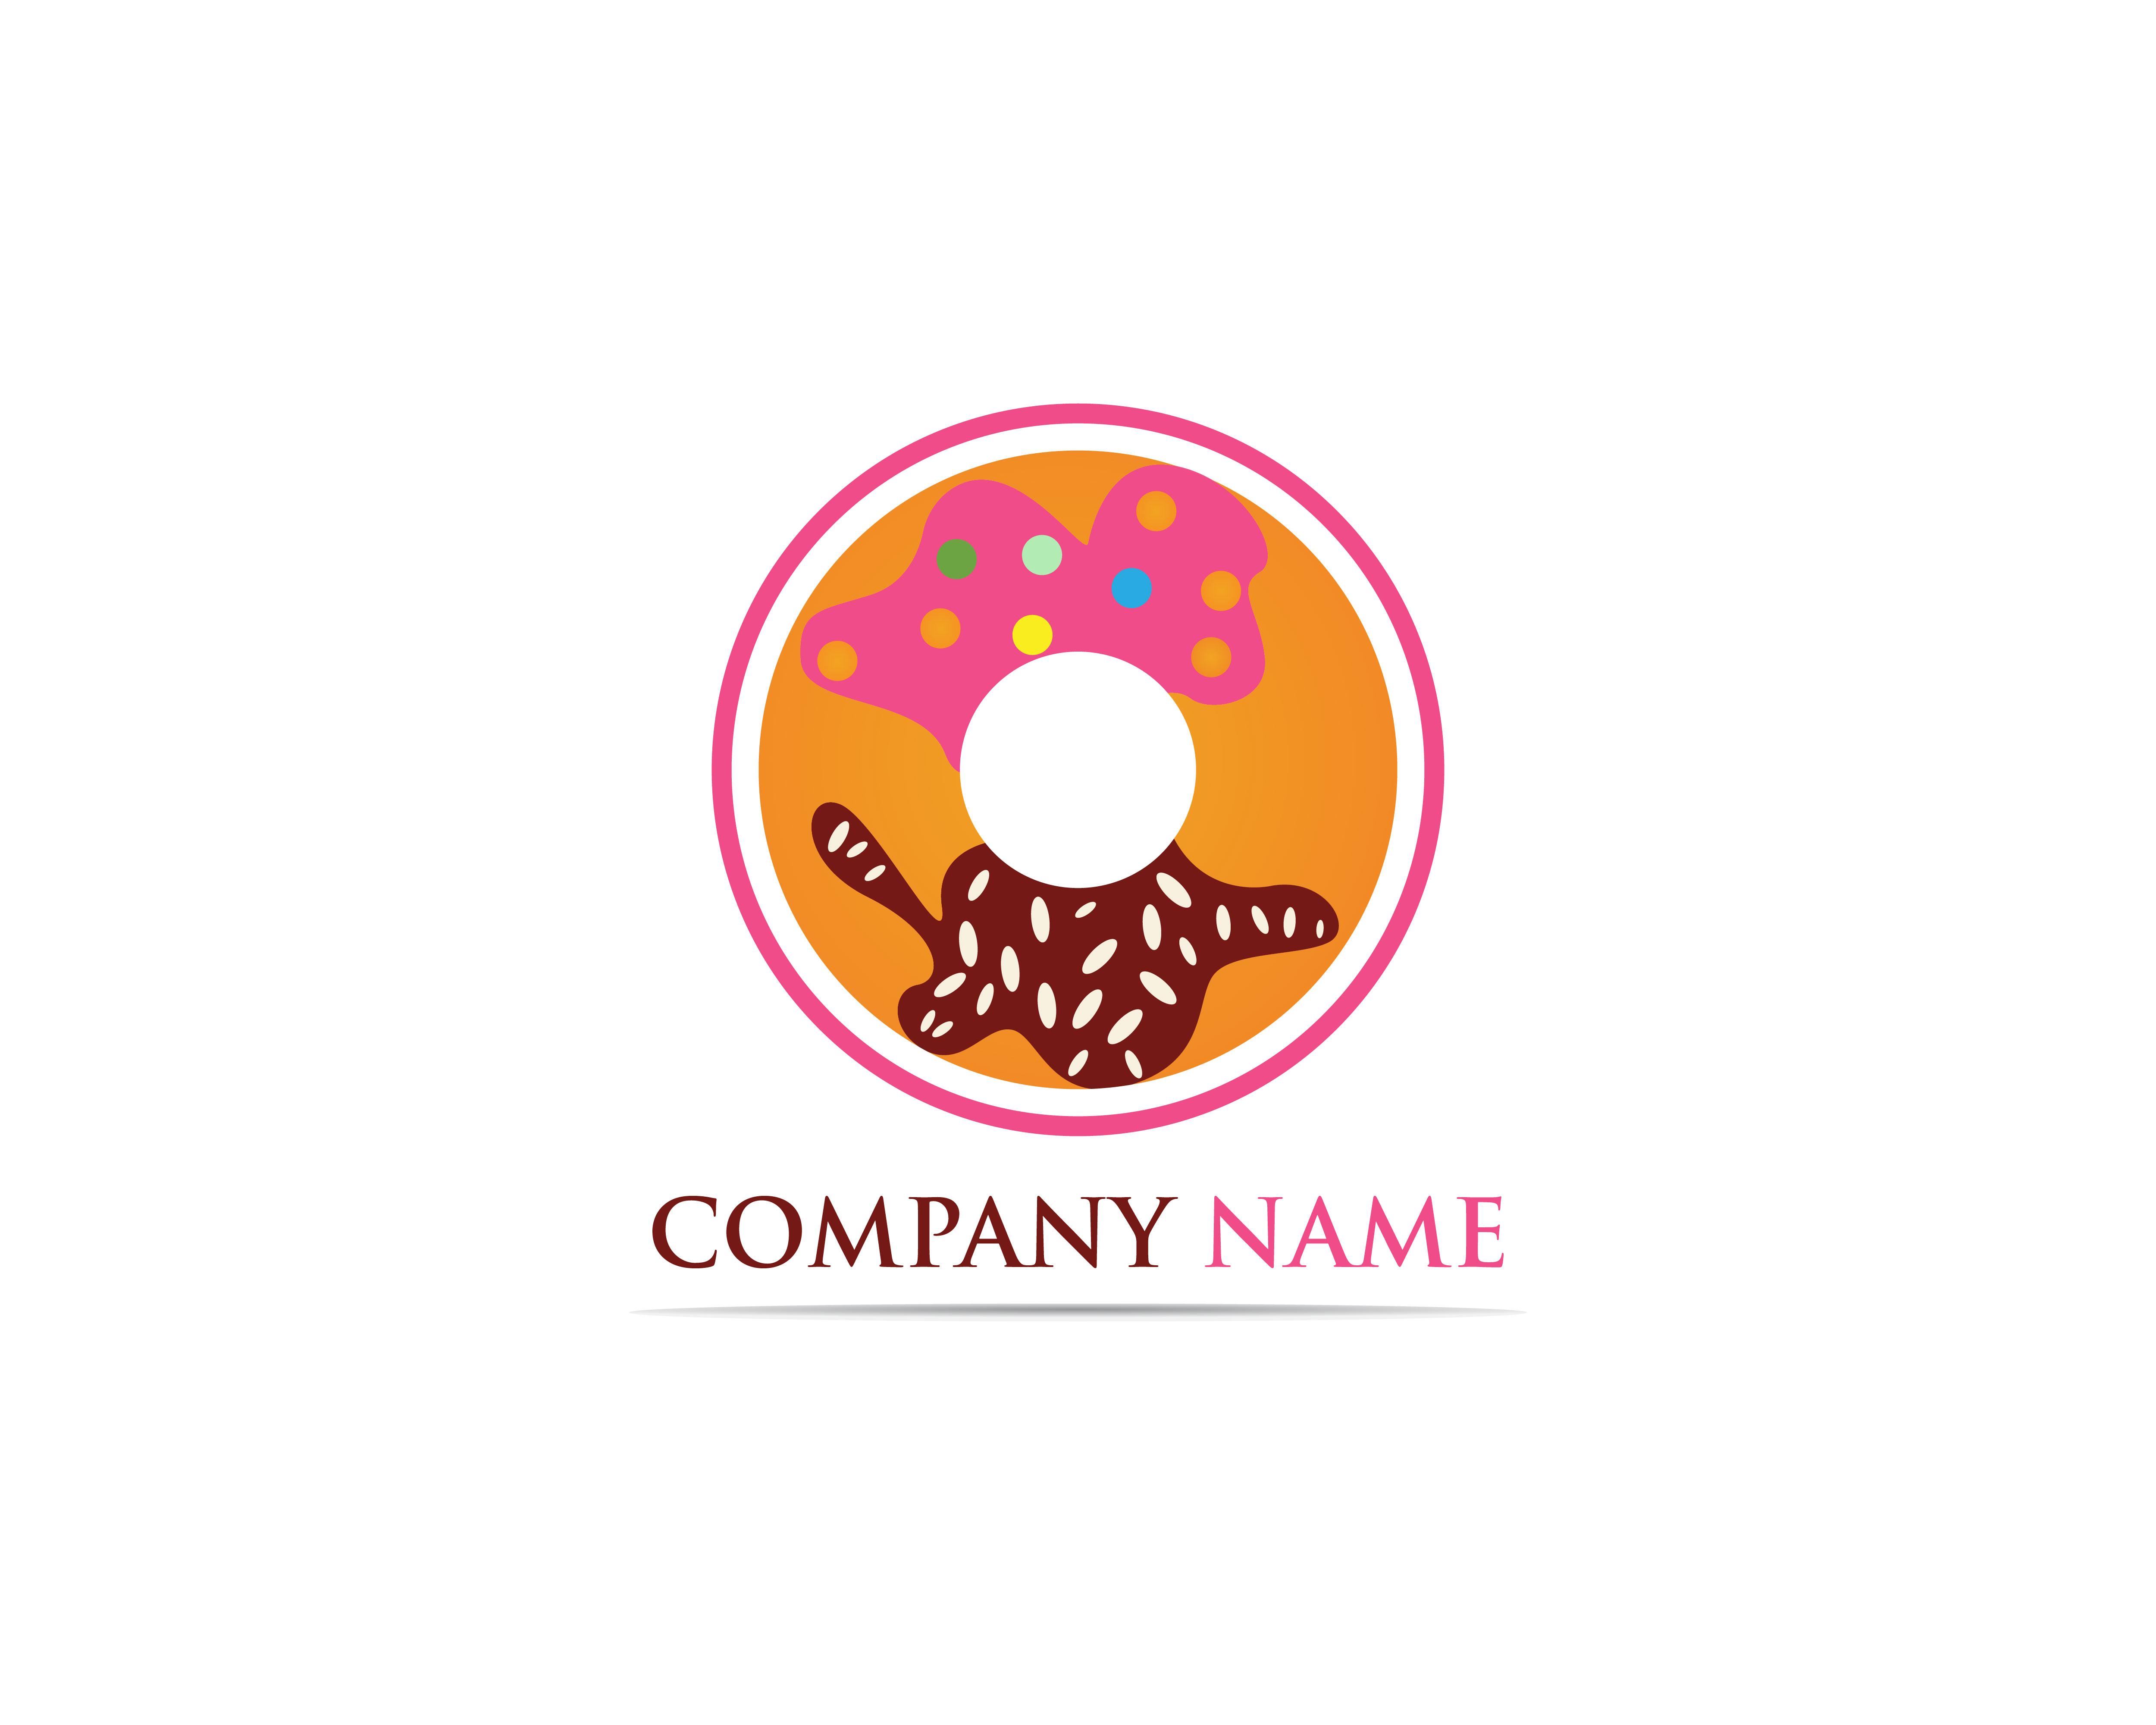 可愛logo 免費下載   天天瘋後製